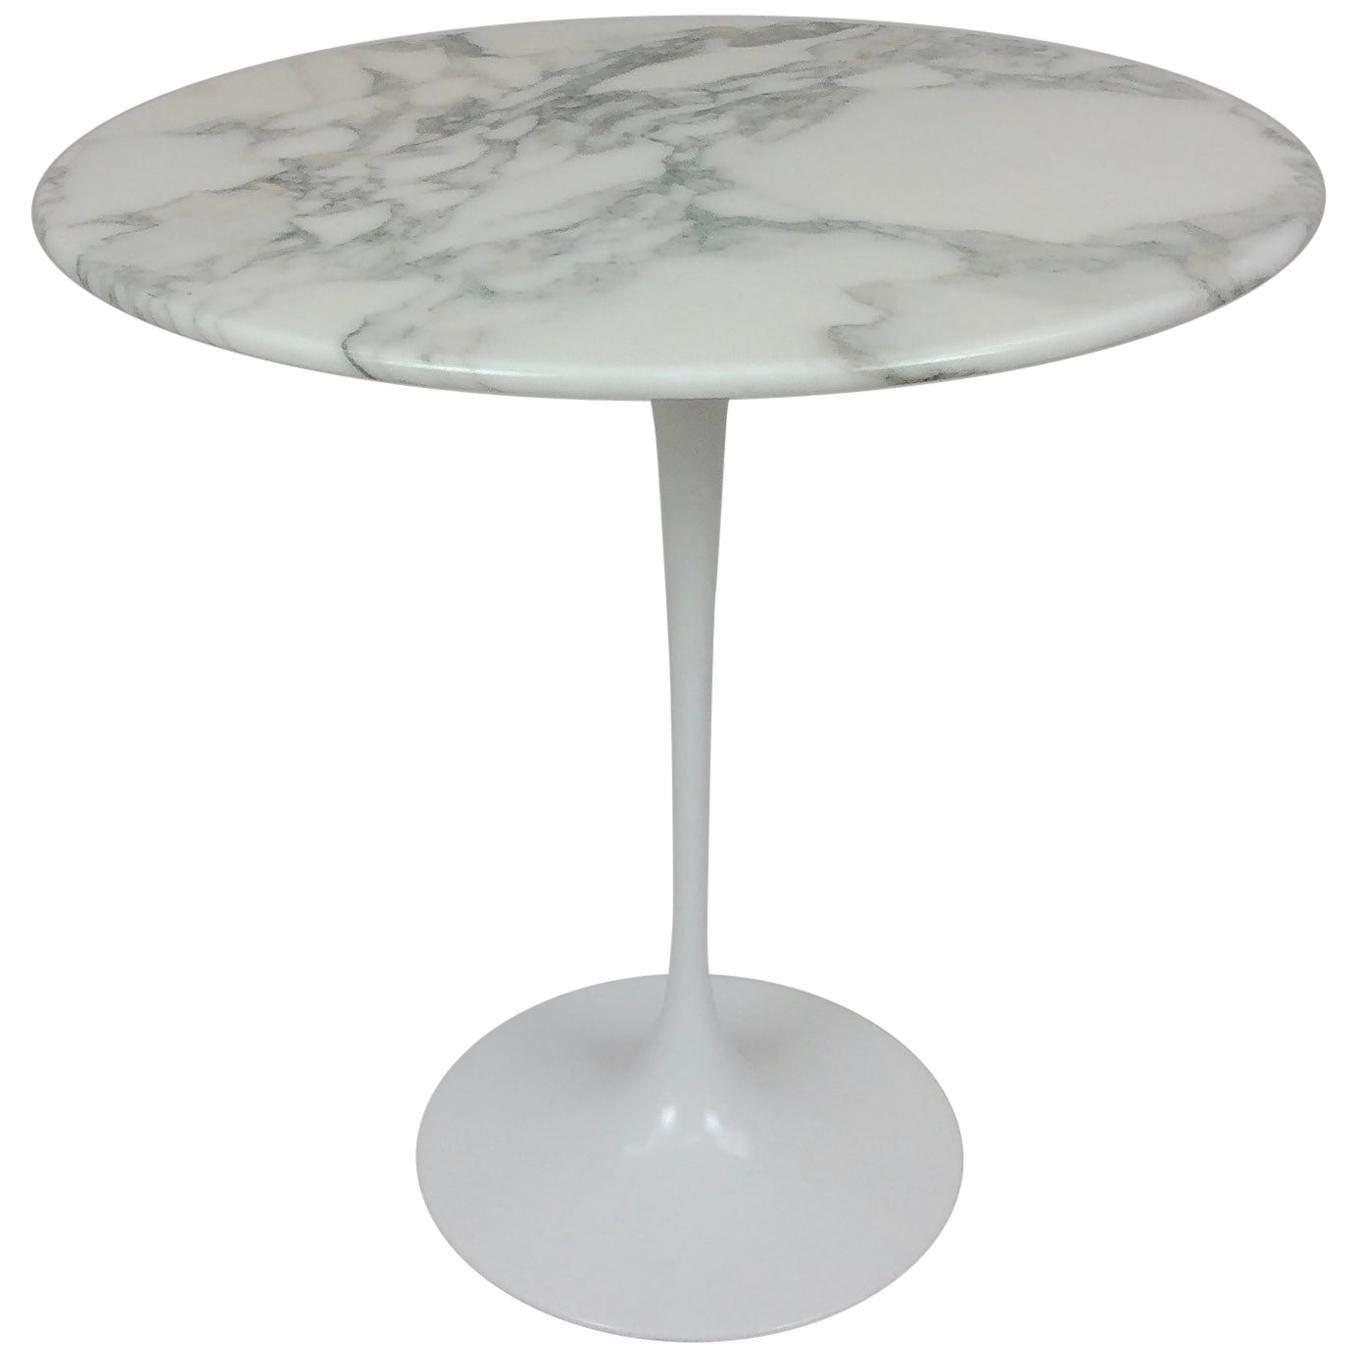 Eero Saarinen Tulip Side Table for Knoll